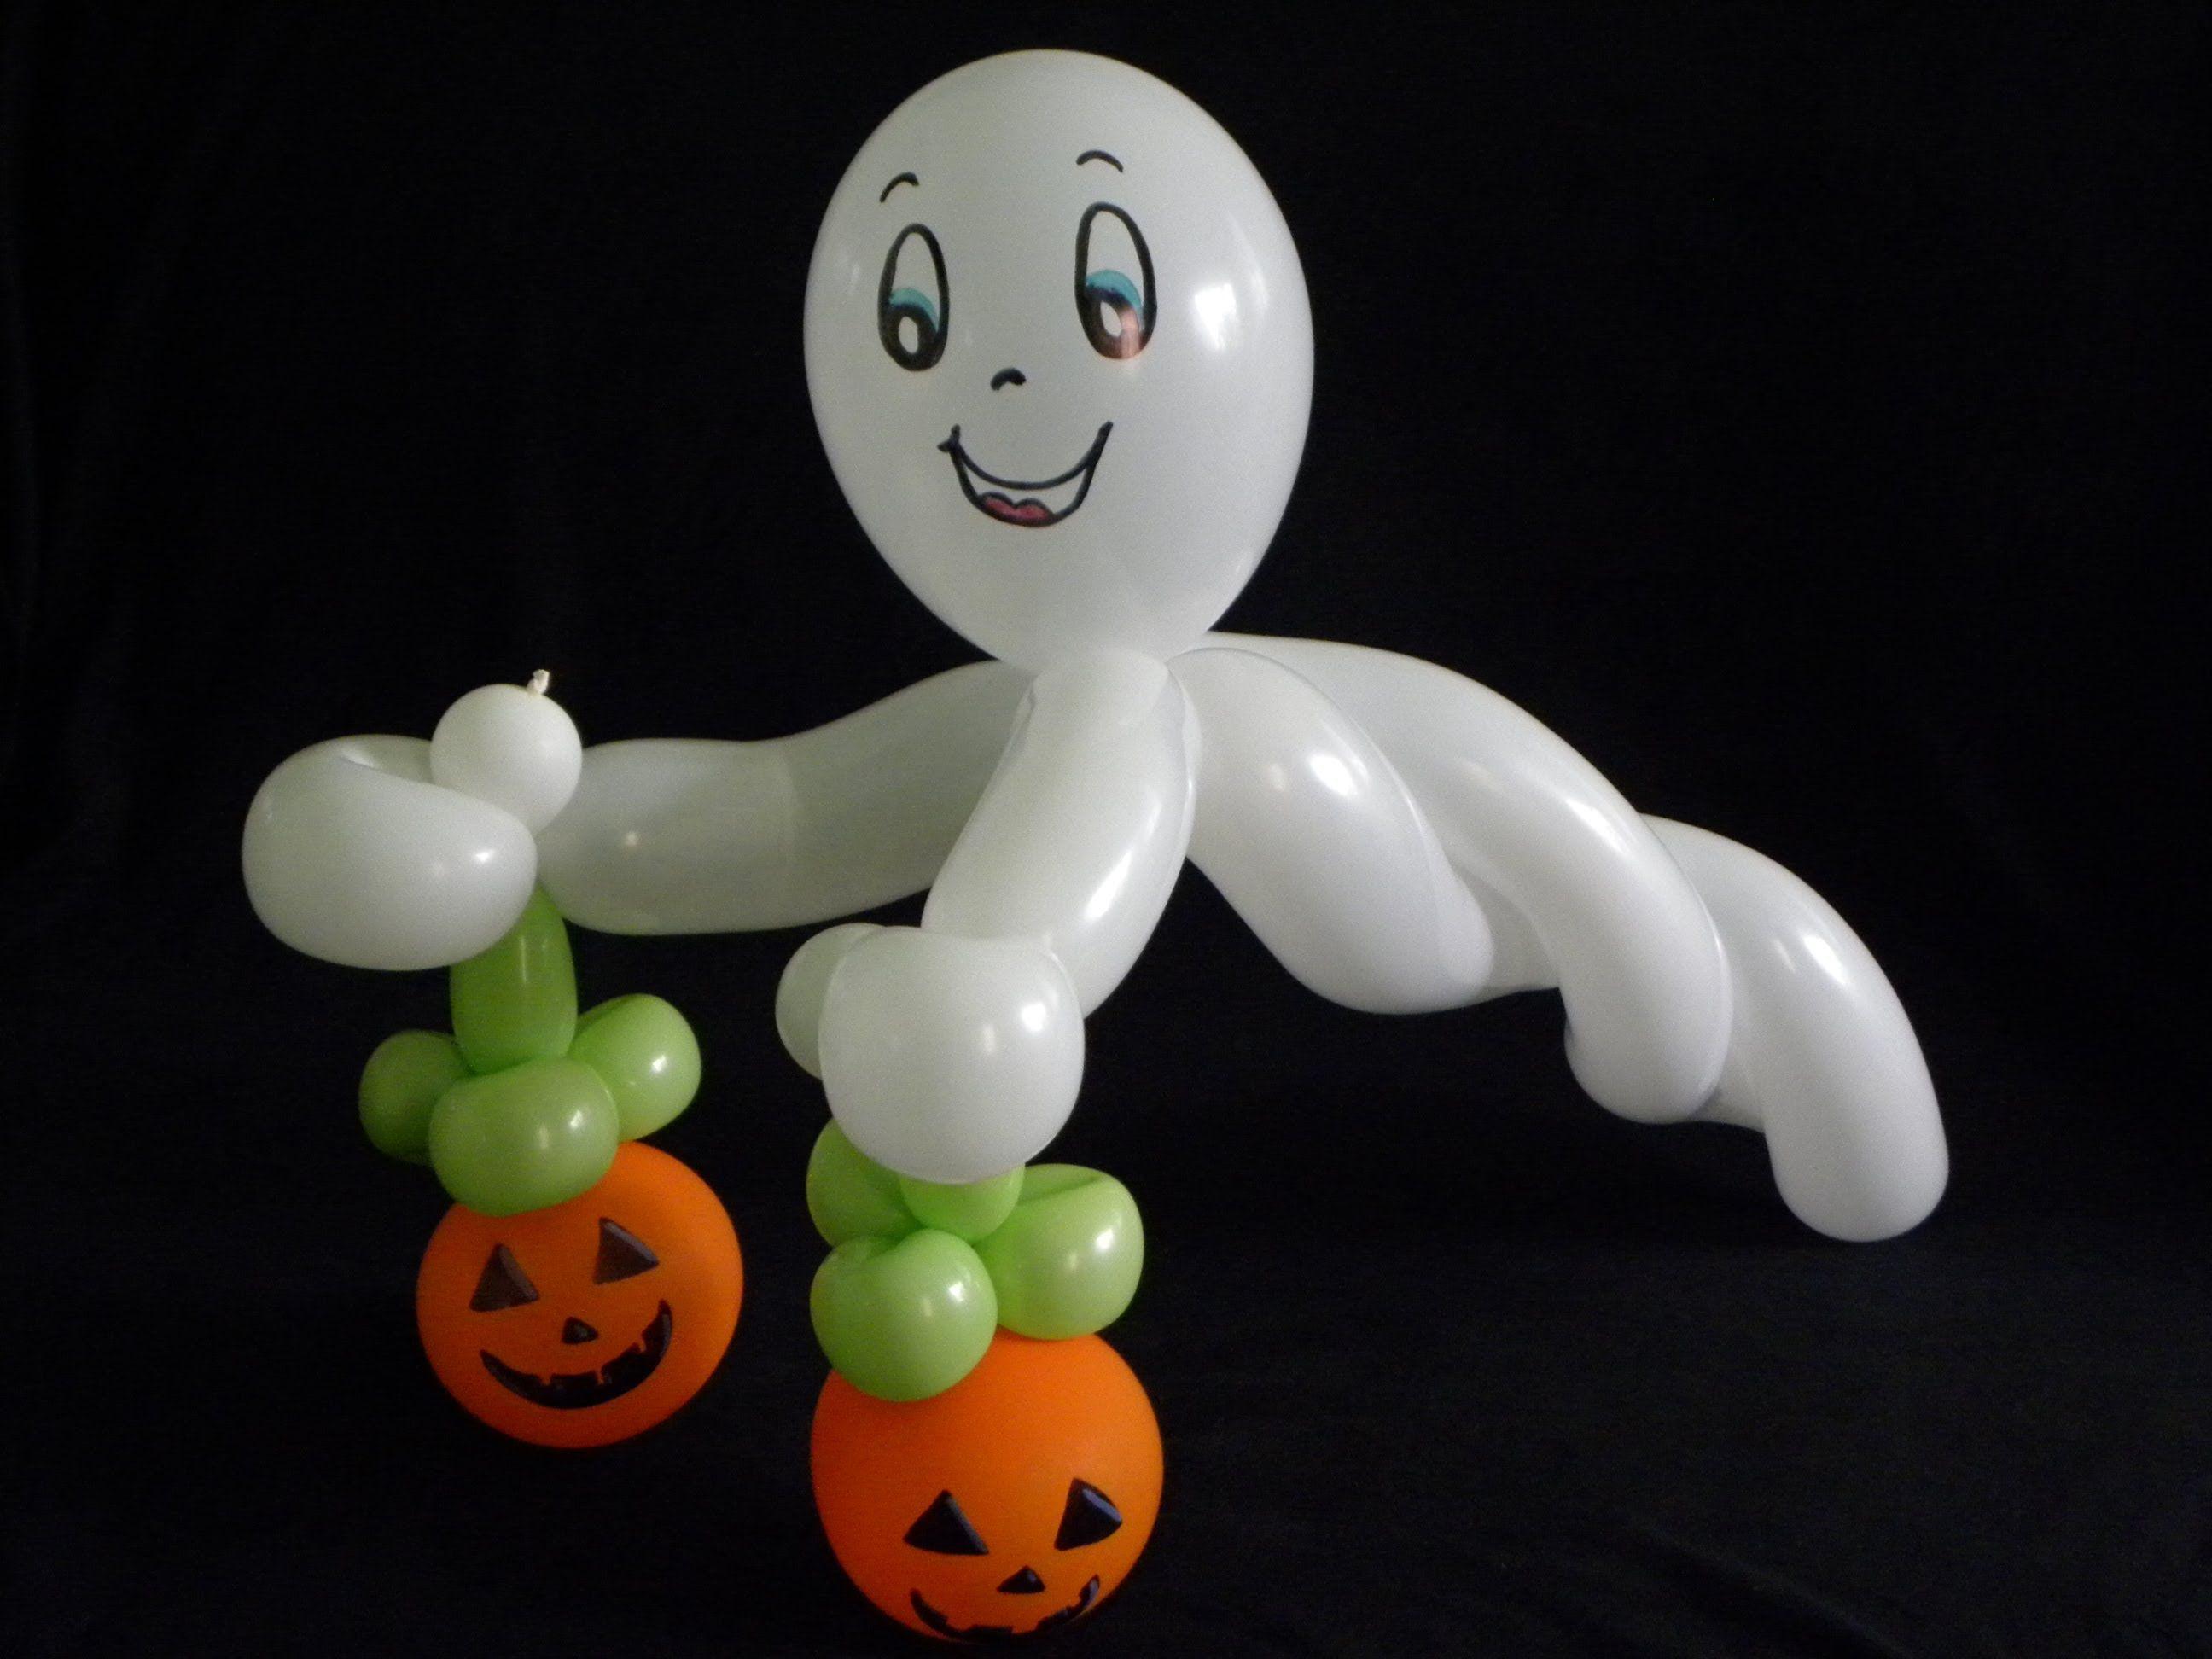 halloween balloons como hacer un fantasma amigable how to make friendly ghost - Halloween Balloon Animals